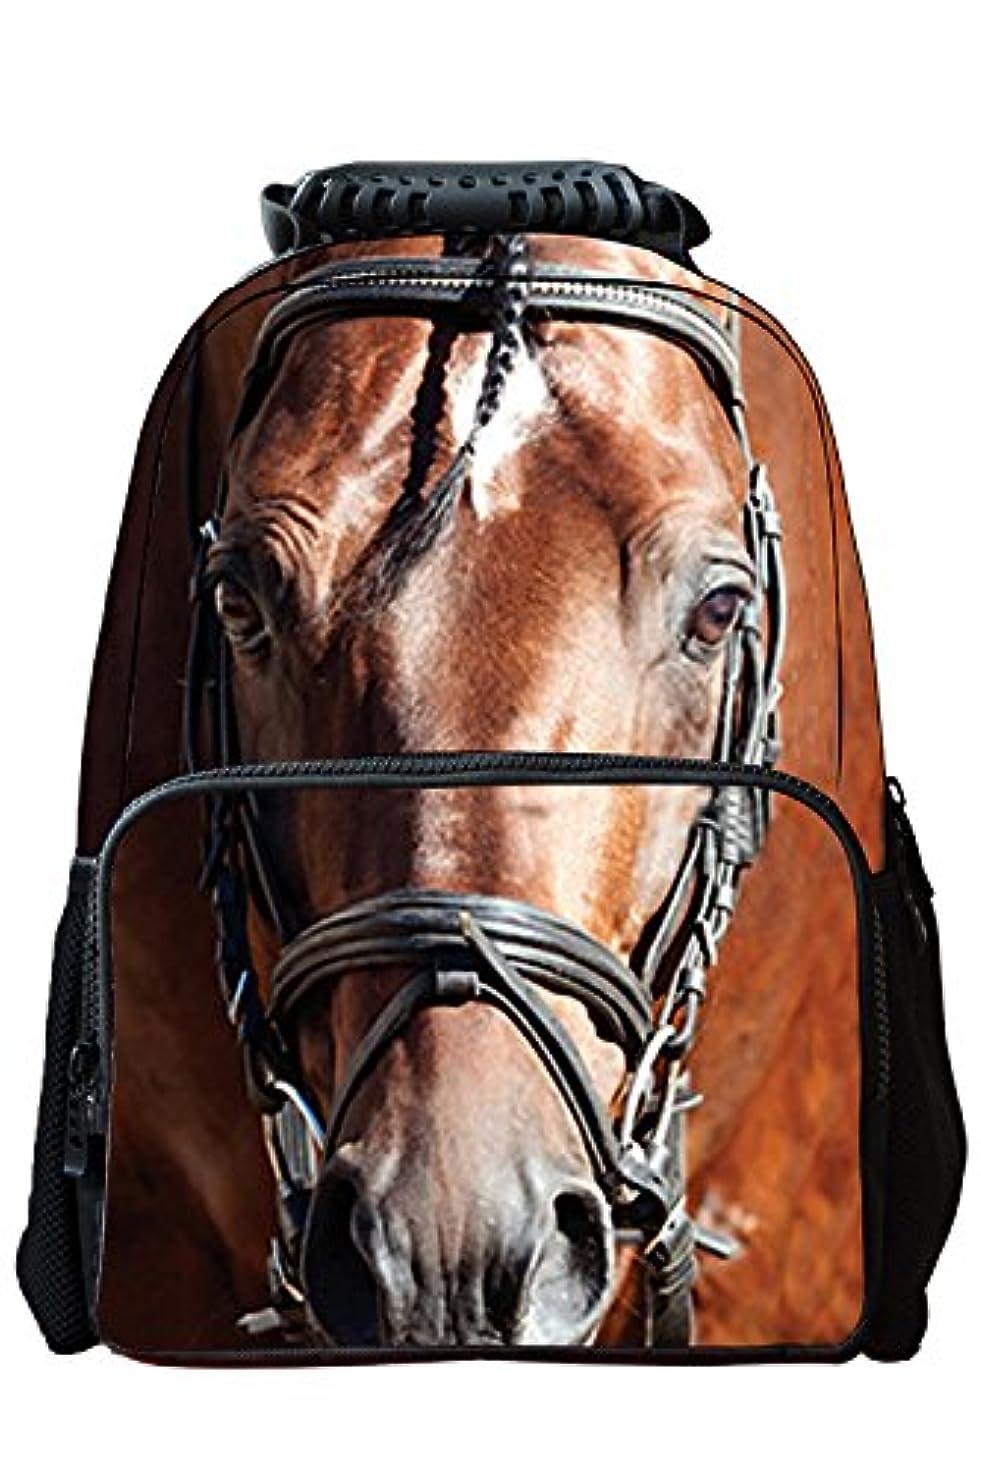 病者眠りデクリメントゴシレ Gosear 多機能 3D動物柄 バックパック リュックサック キャンバス バック かばん デイパック 通学 通勤 旅行 大容量 男女兼用 馬柄 とび色